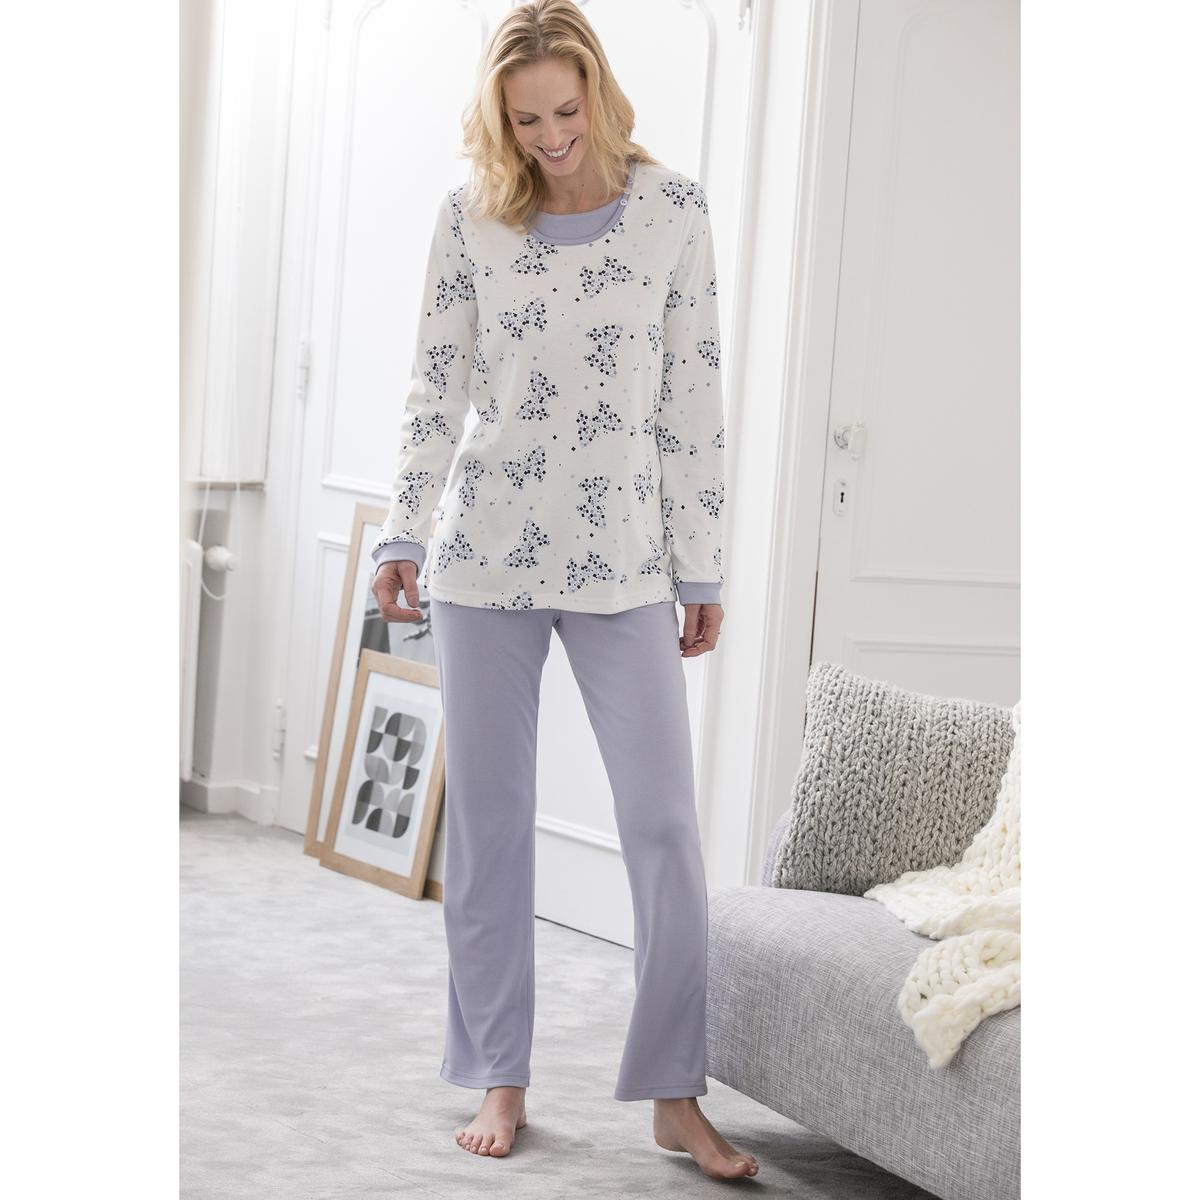 Пижама с длинными рукавами thermolactyl® пижамы пижамы пижамы пижамы женские пижамы женская пижама женская пижама женская b541102112 5